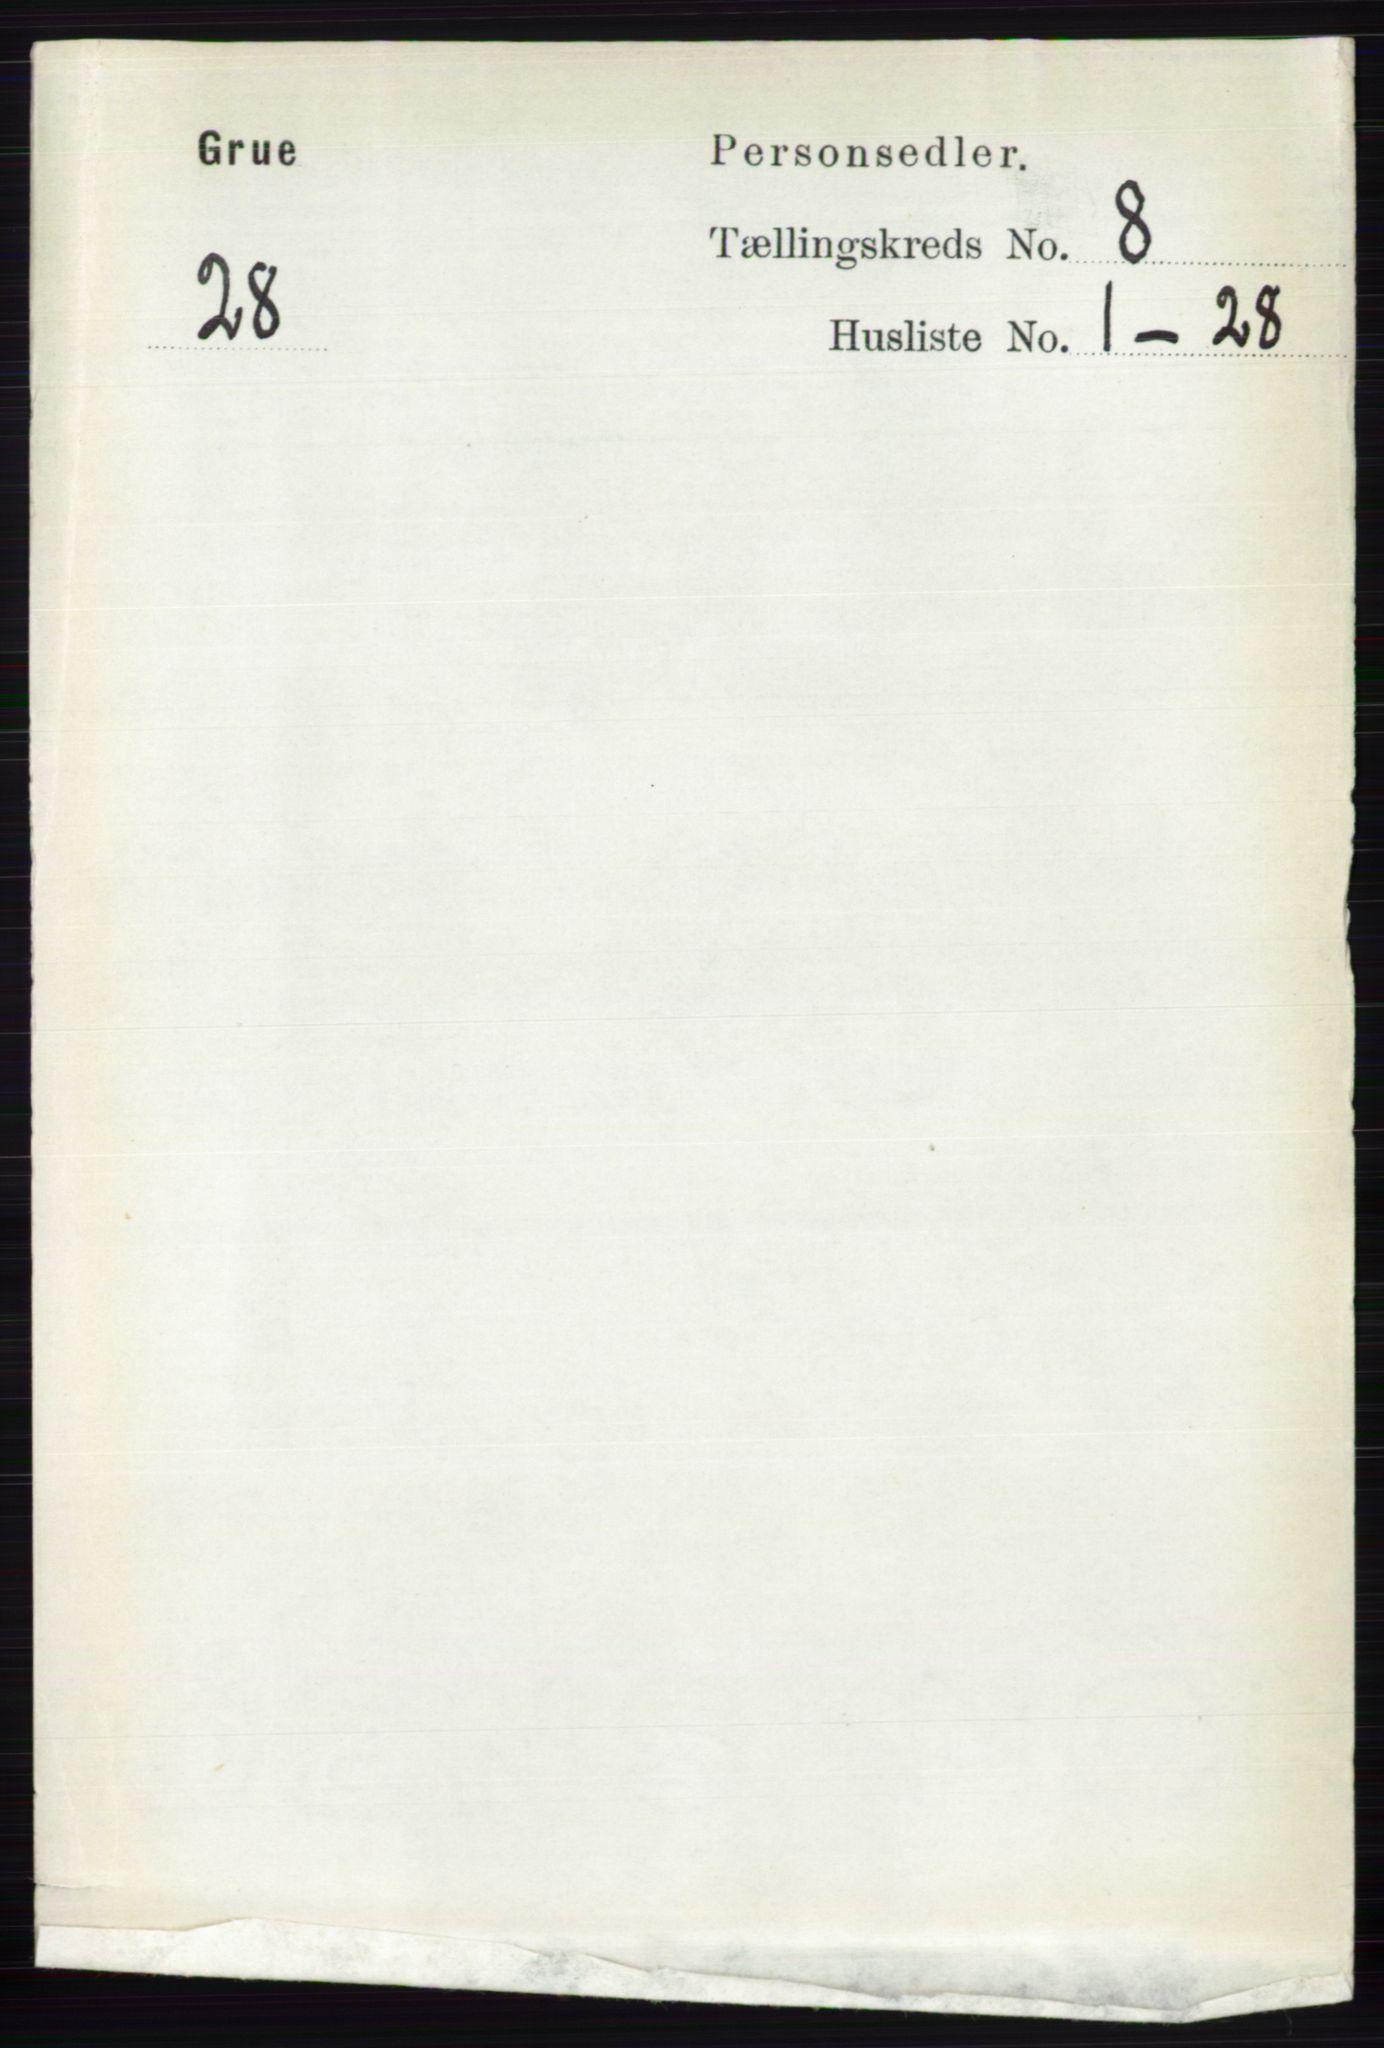 RA, Folketelling 1891 for 0423 Grue herred, 1891, s. 4313